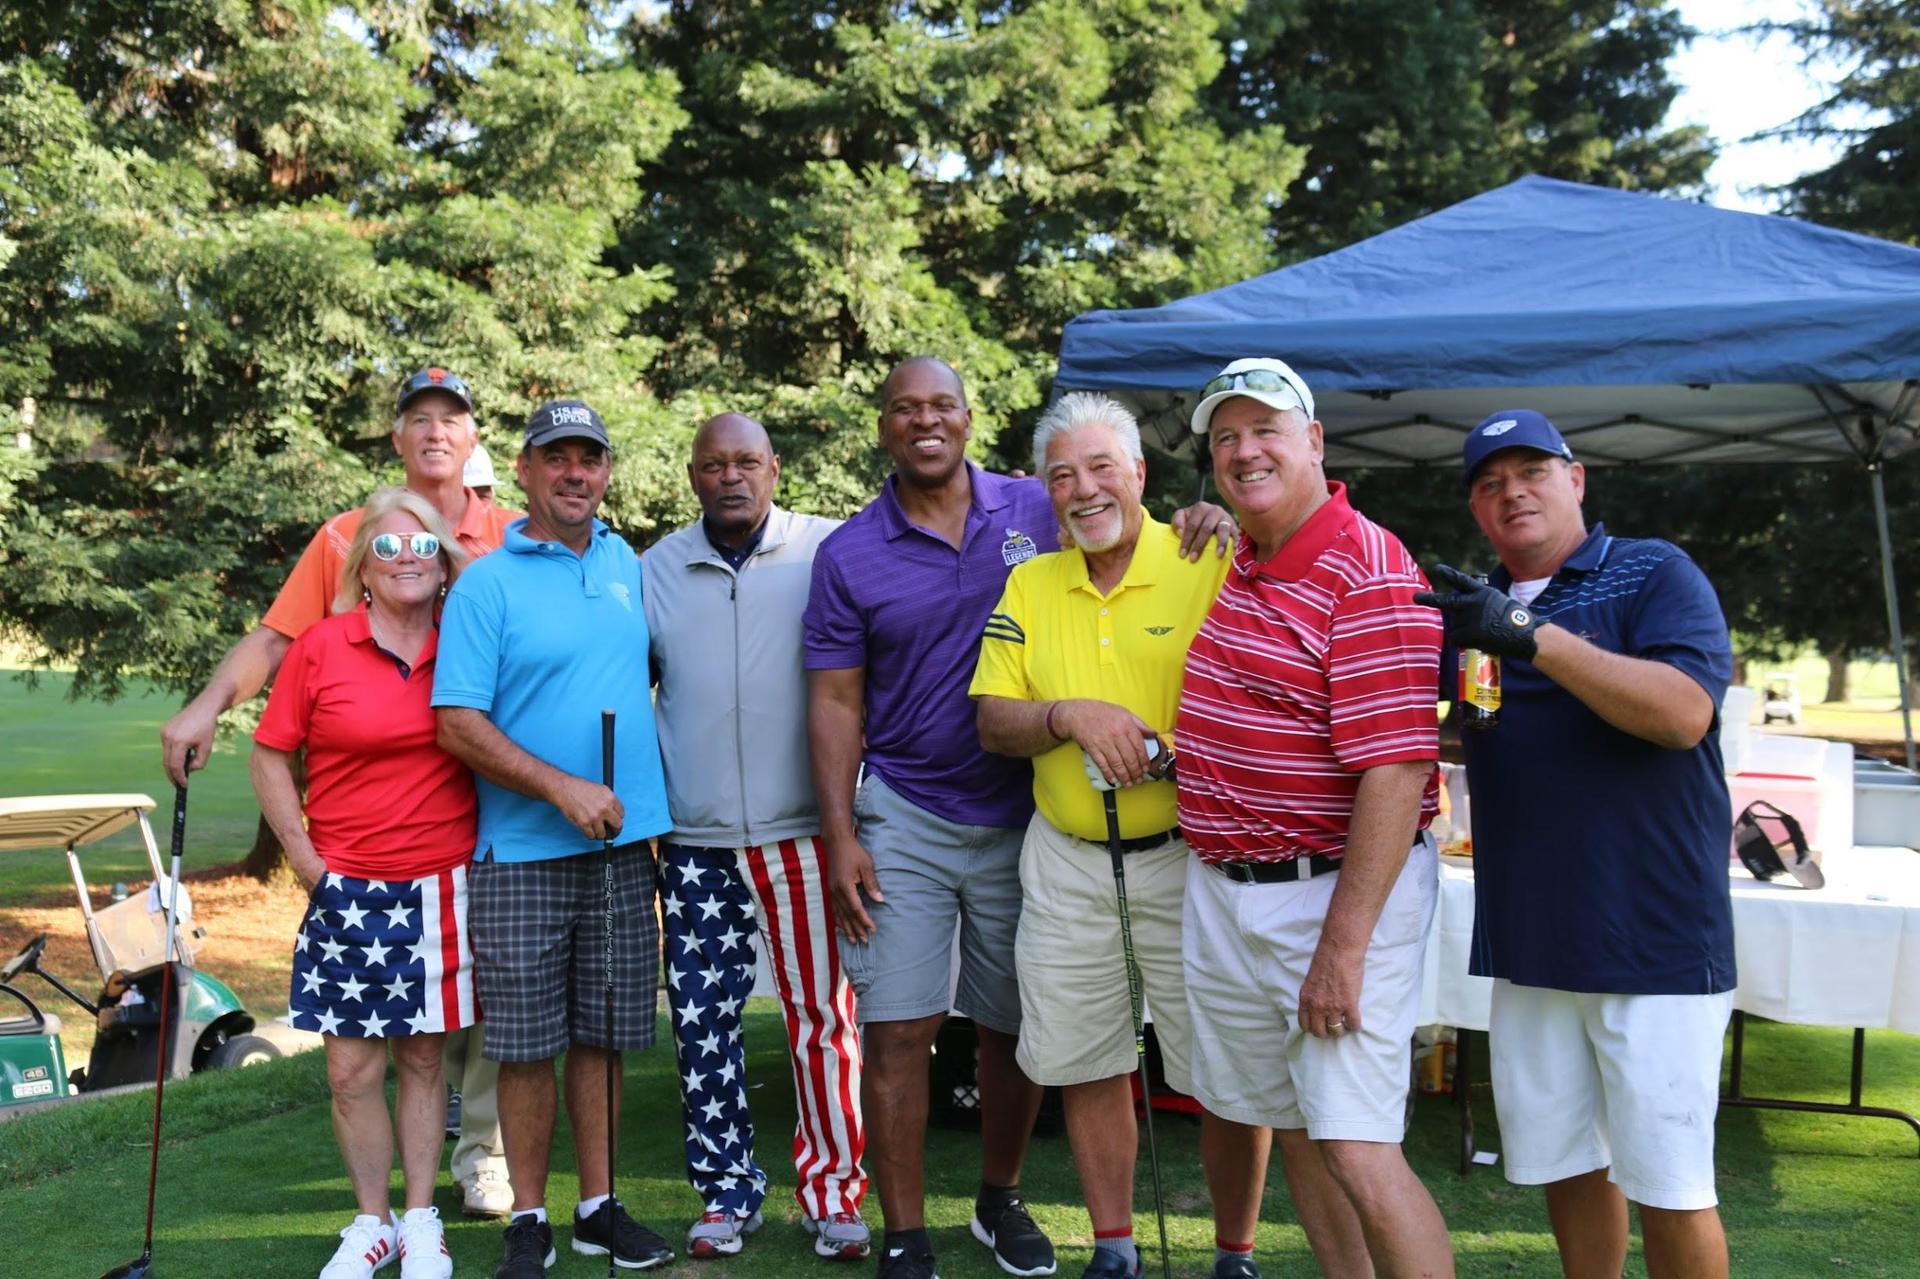 Michelle & golfers